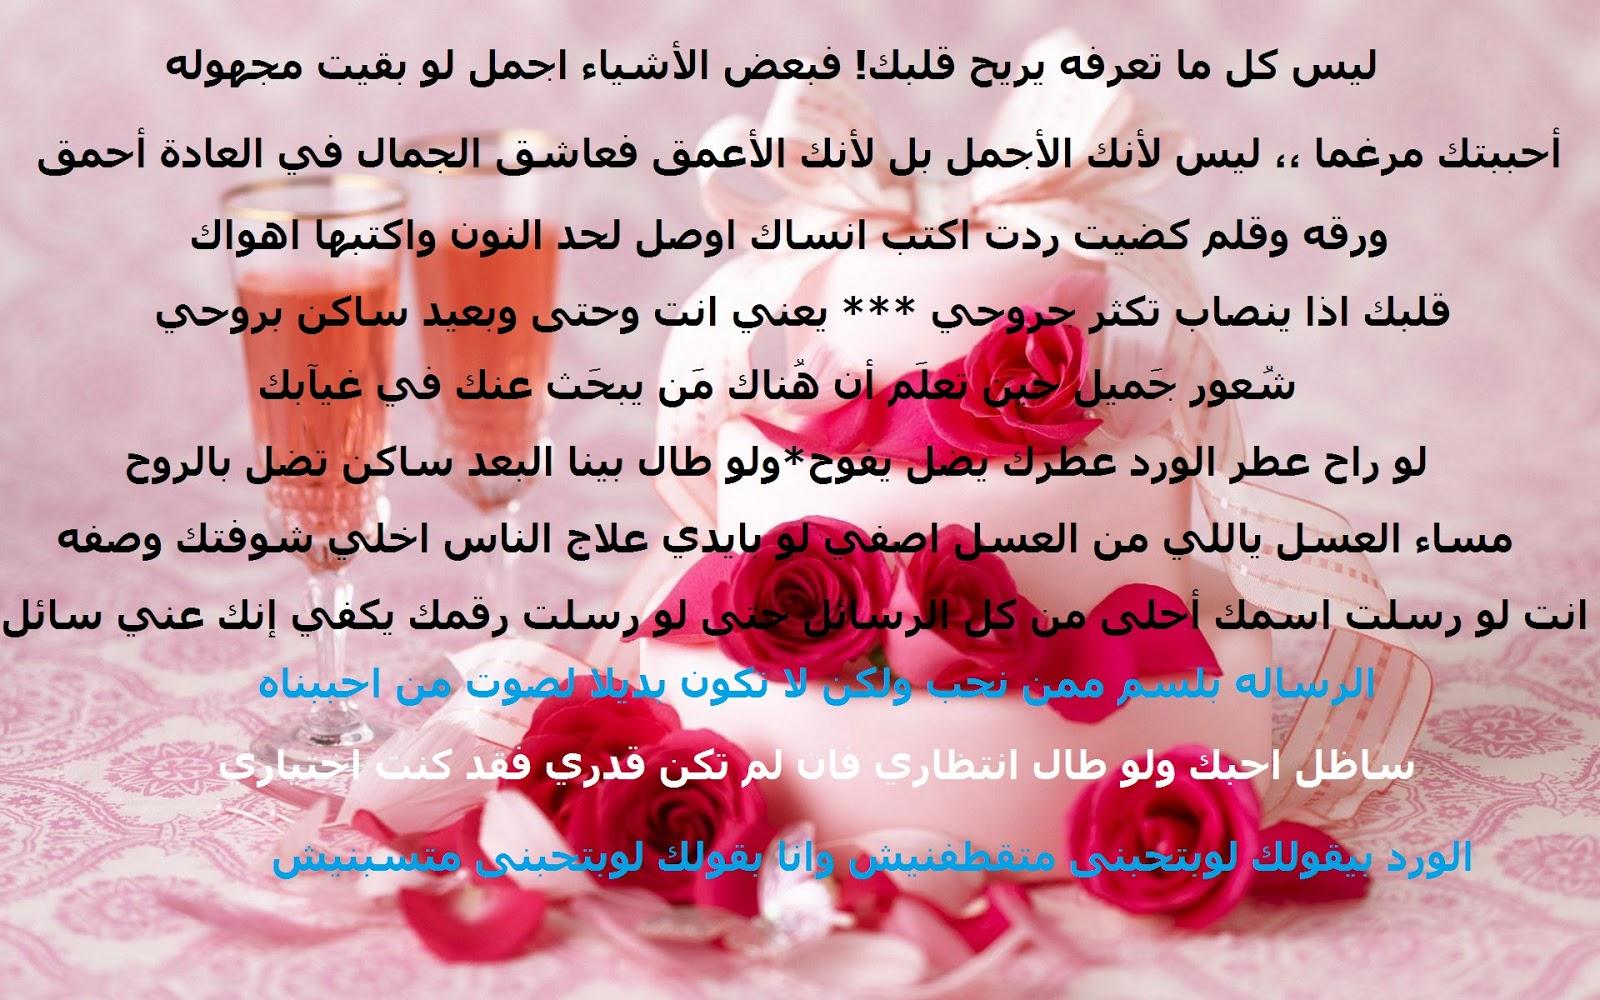 بالصور رسائل حب خاصة للحبيب , مسجات حب للحبيب 3942 3